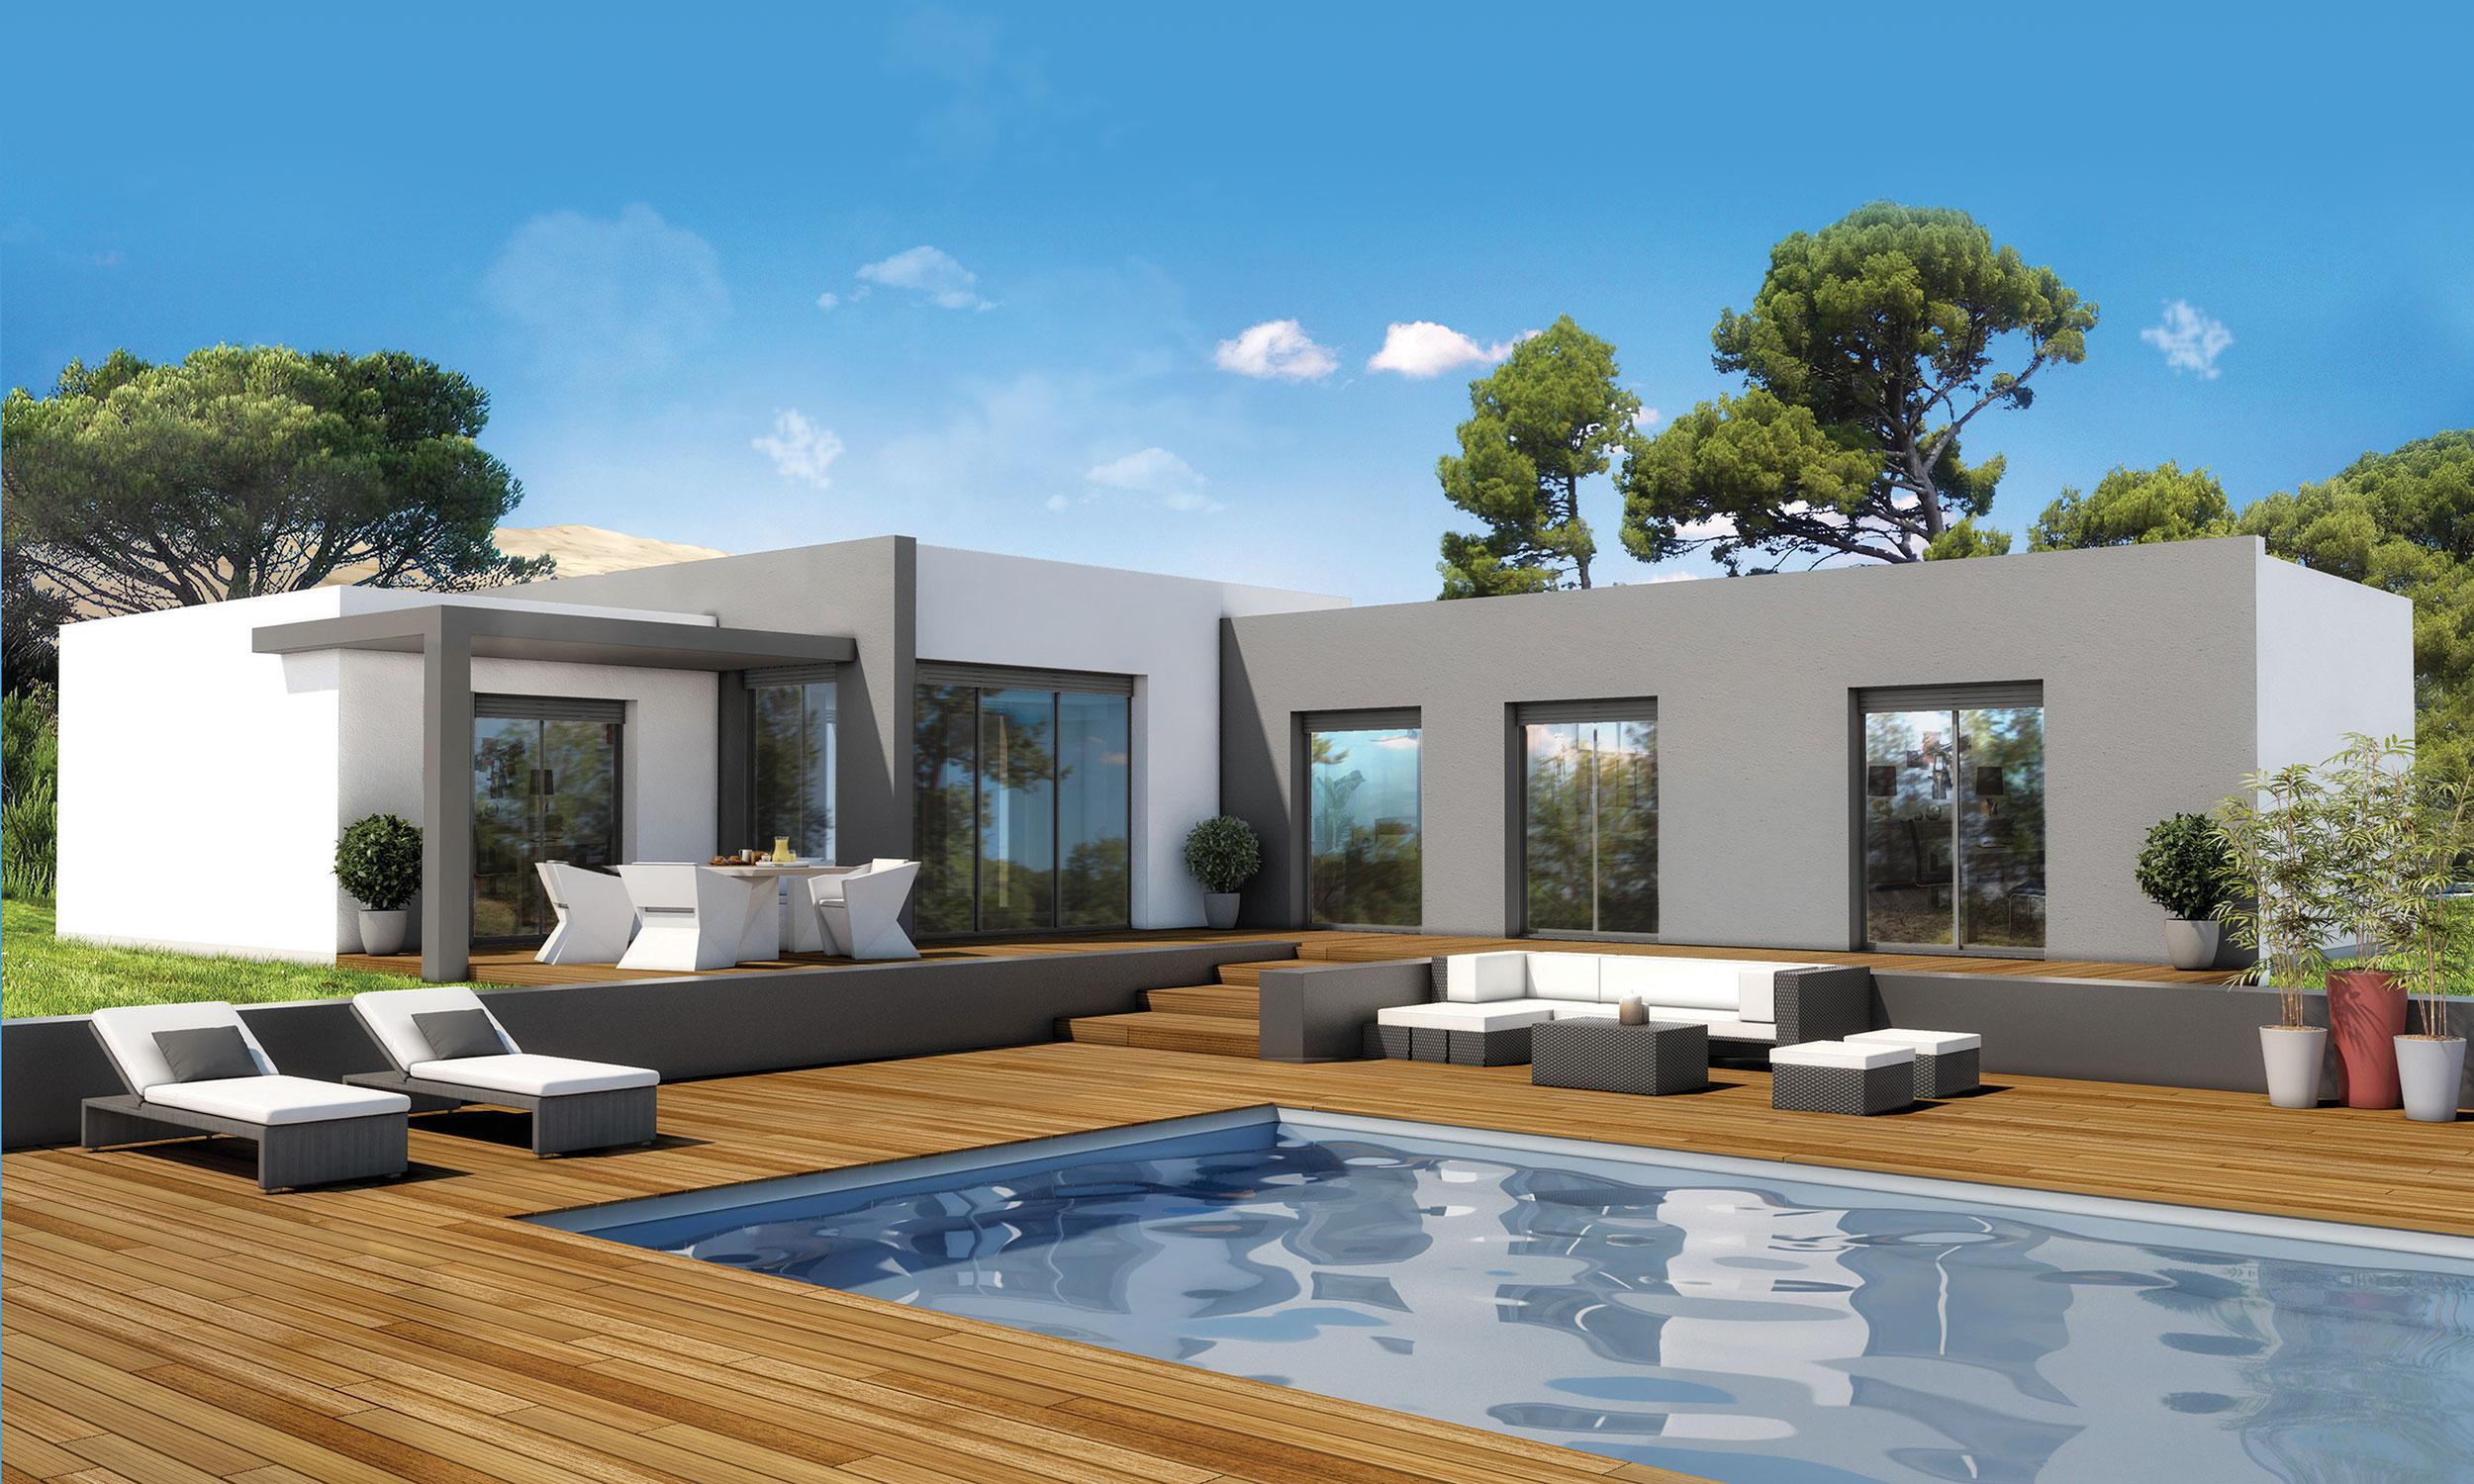 Maison Contemporaine Plain Pied Glam Avec Plans Maisons Bati France Constructeur Maison Individuelle Languedoc Roussillon